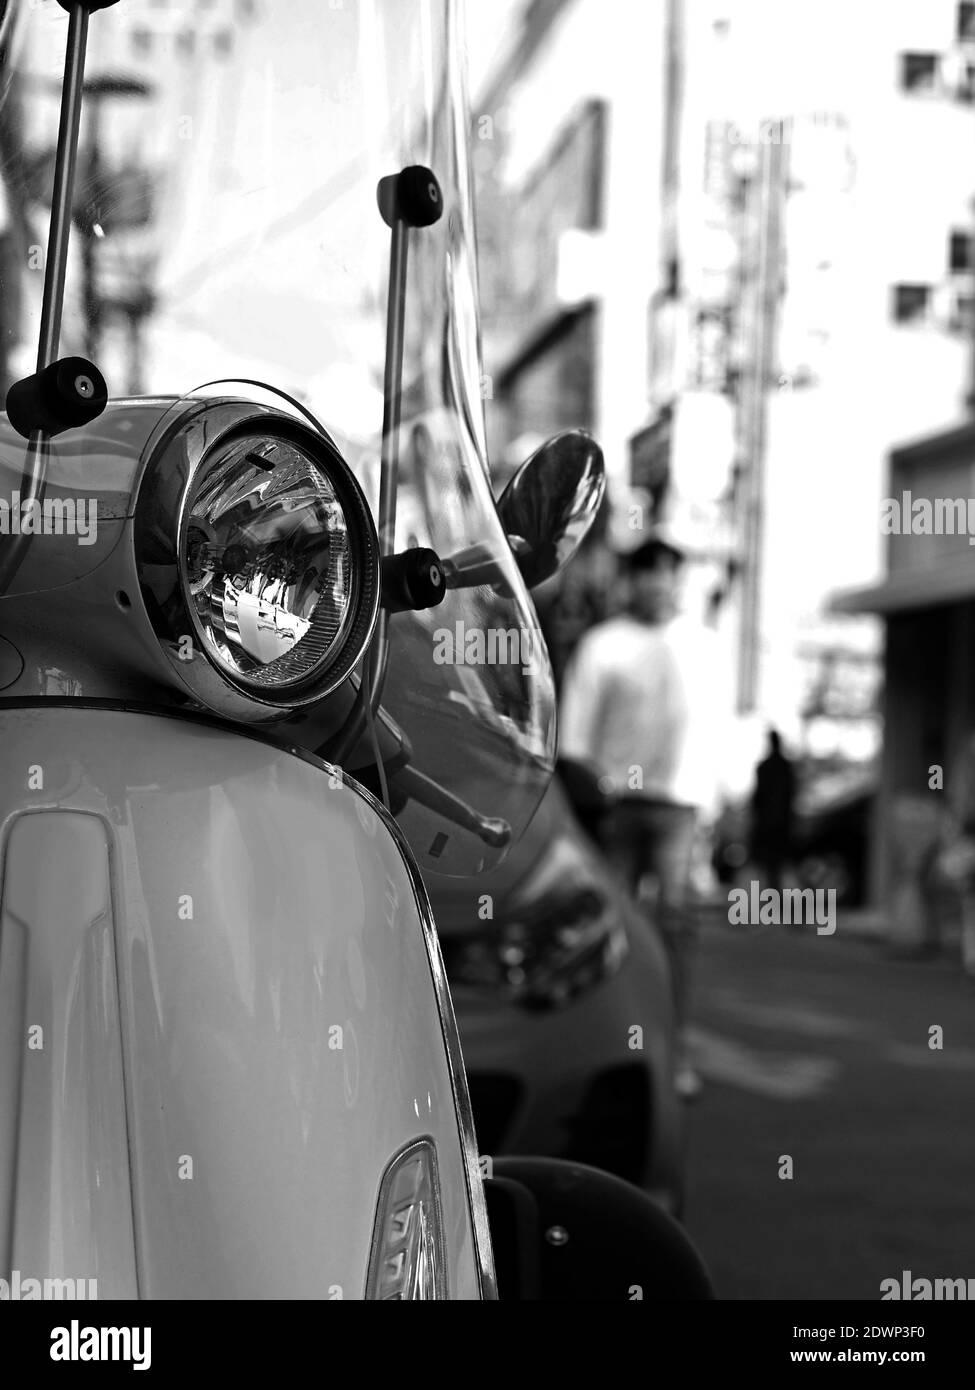 Détail des phares avant du stationnement de Scooter italien classique sur la rue urbaine. Mise au point sélectionnée. Banque D'Images